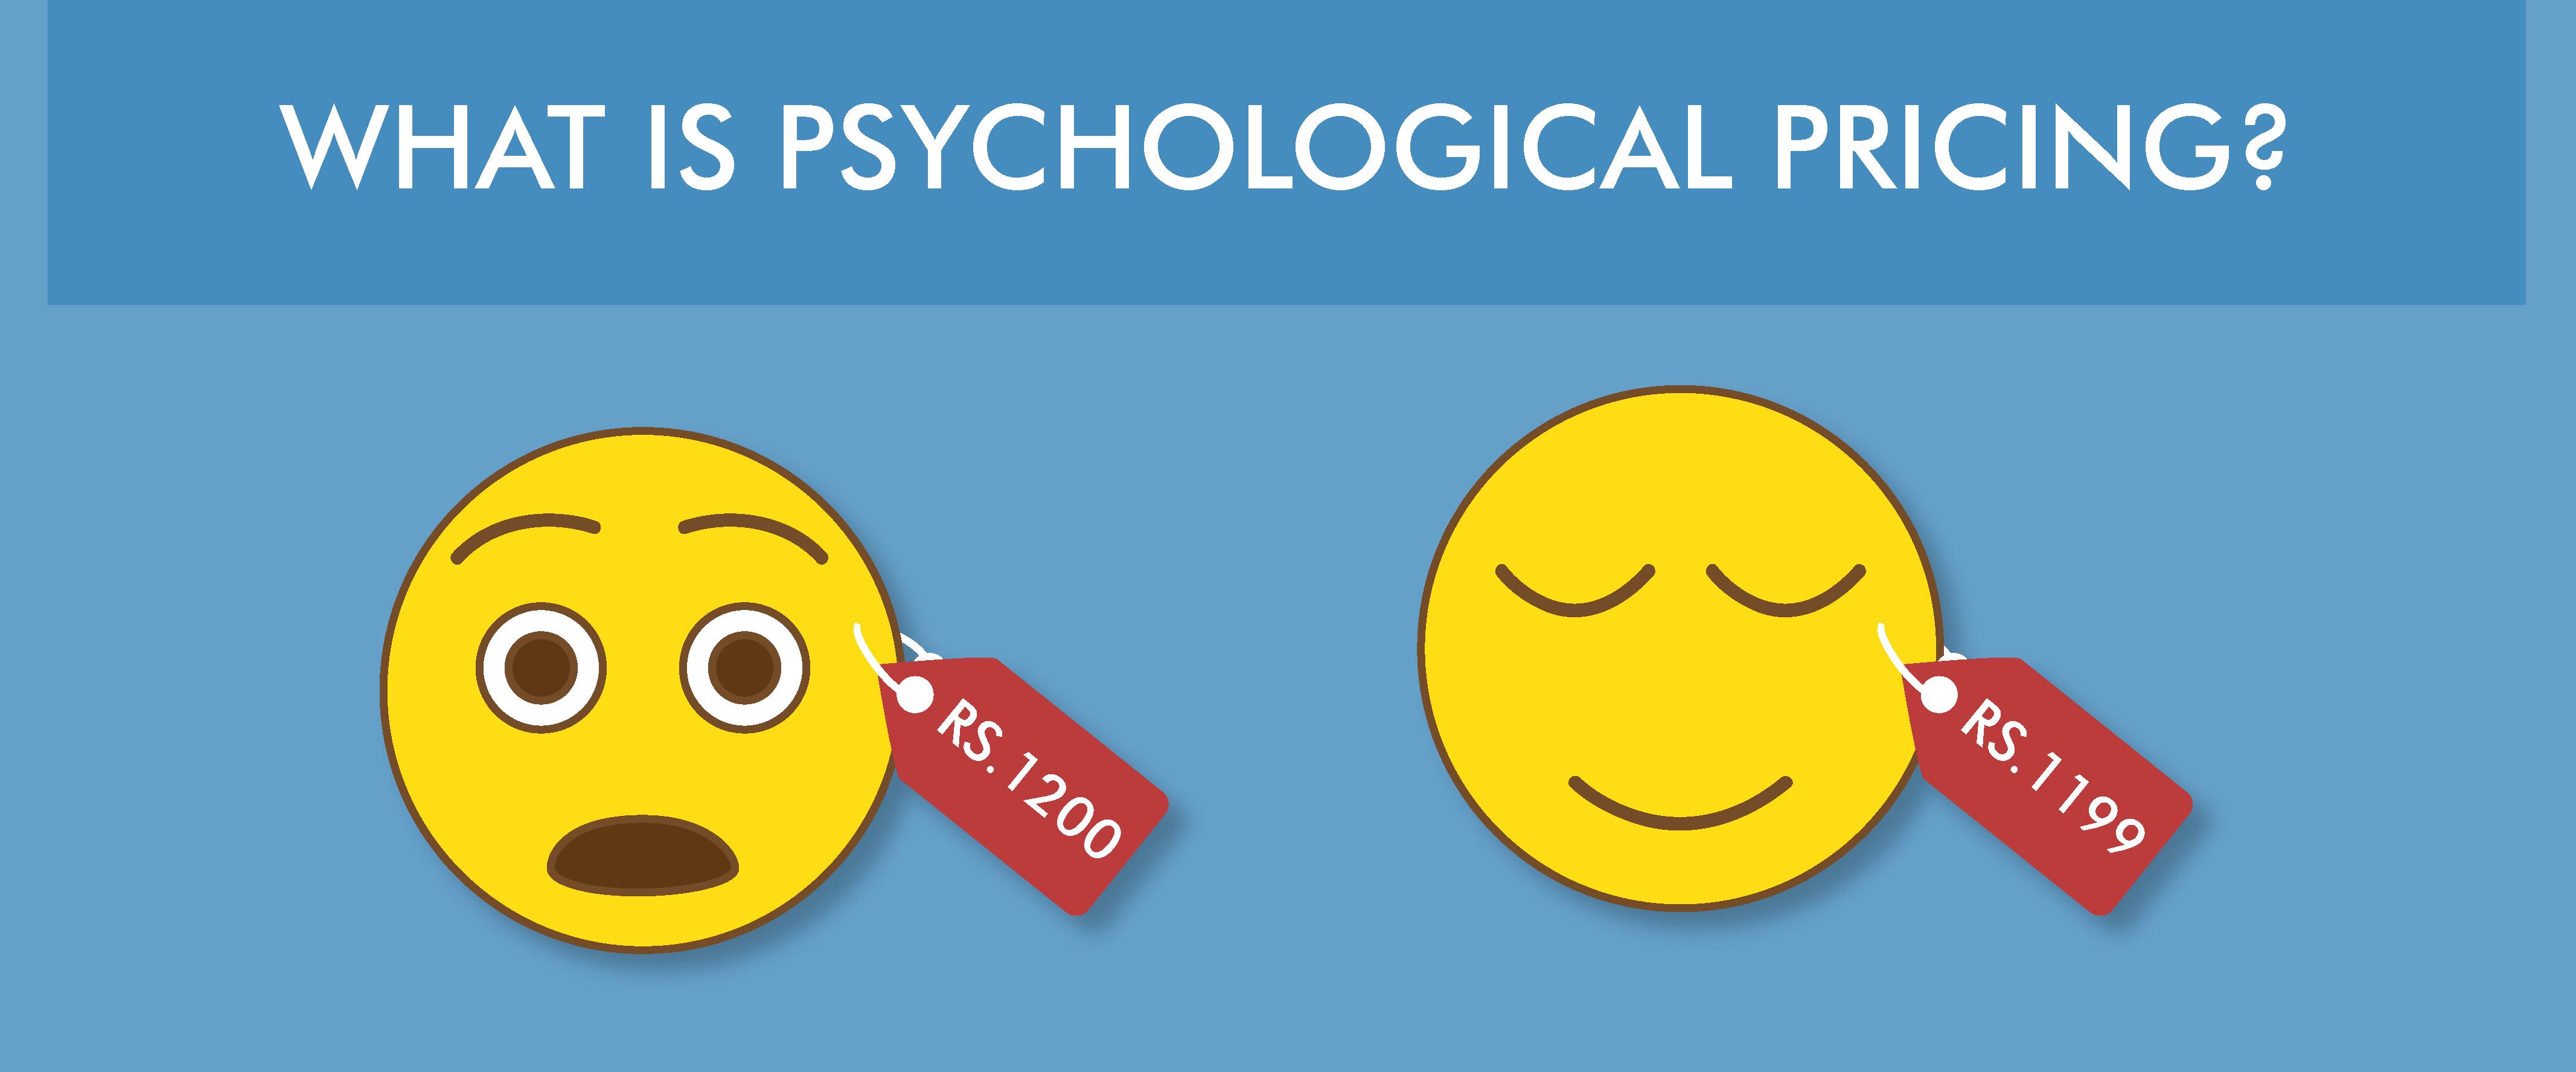 Chiến lược giá trong Marketing đánh vào tâm lý khách hàng